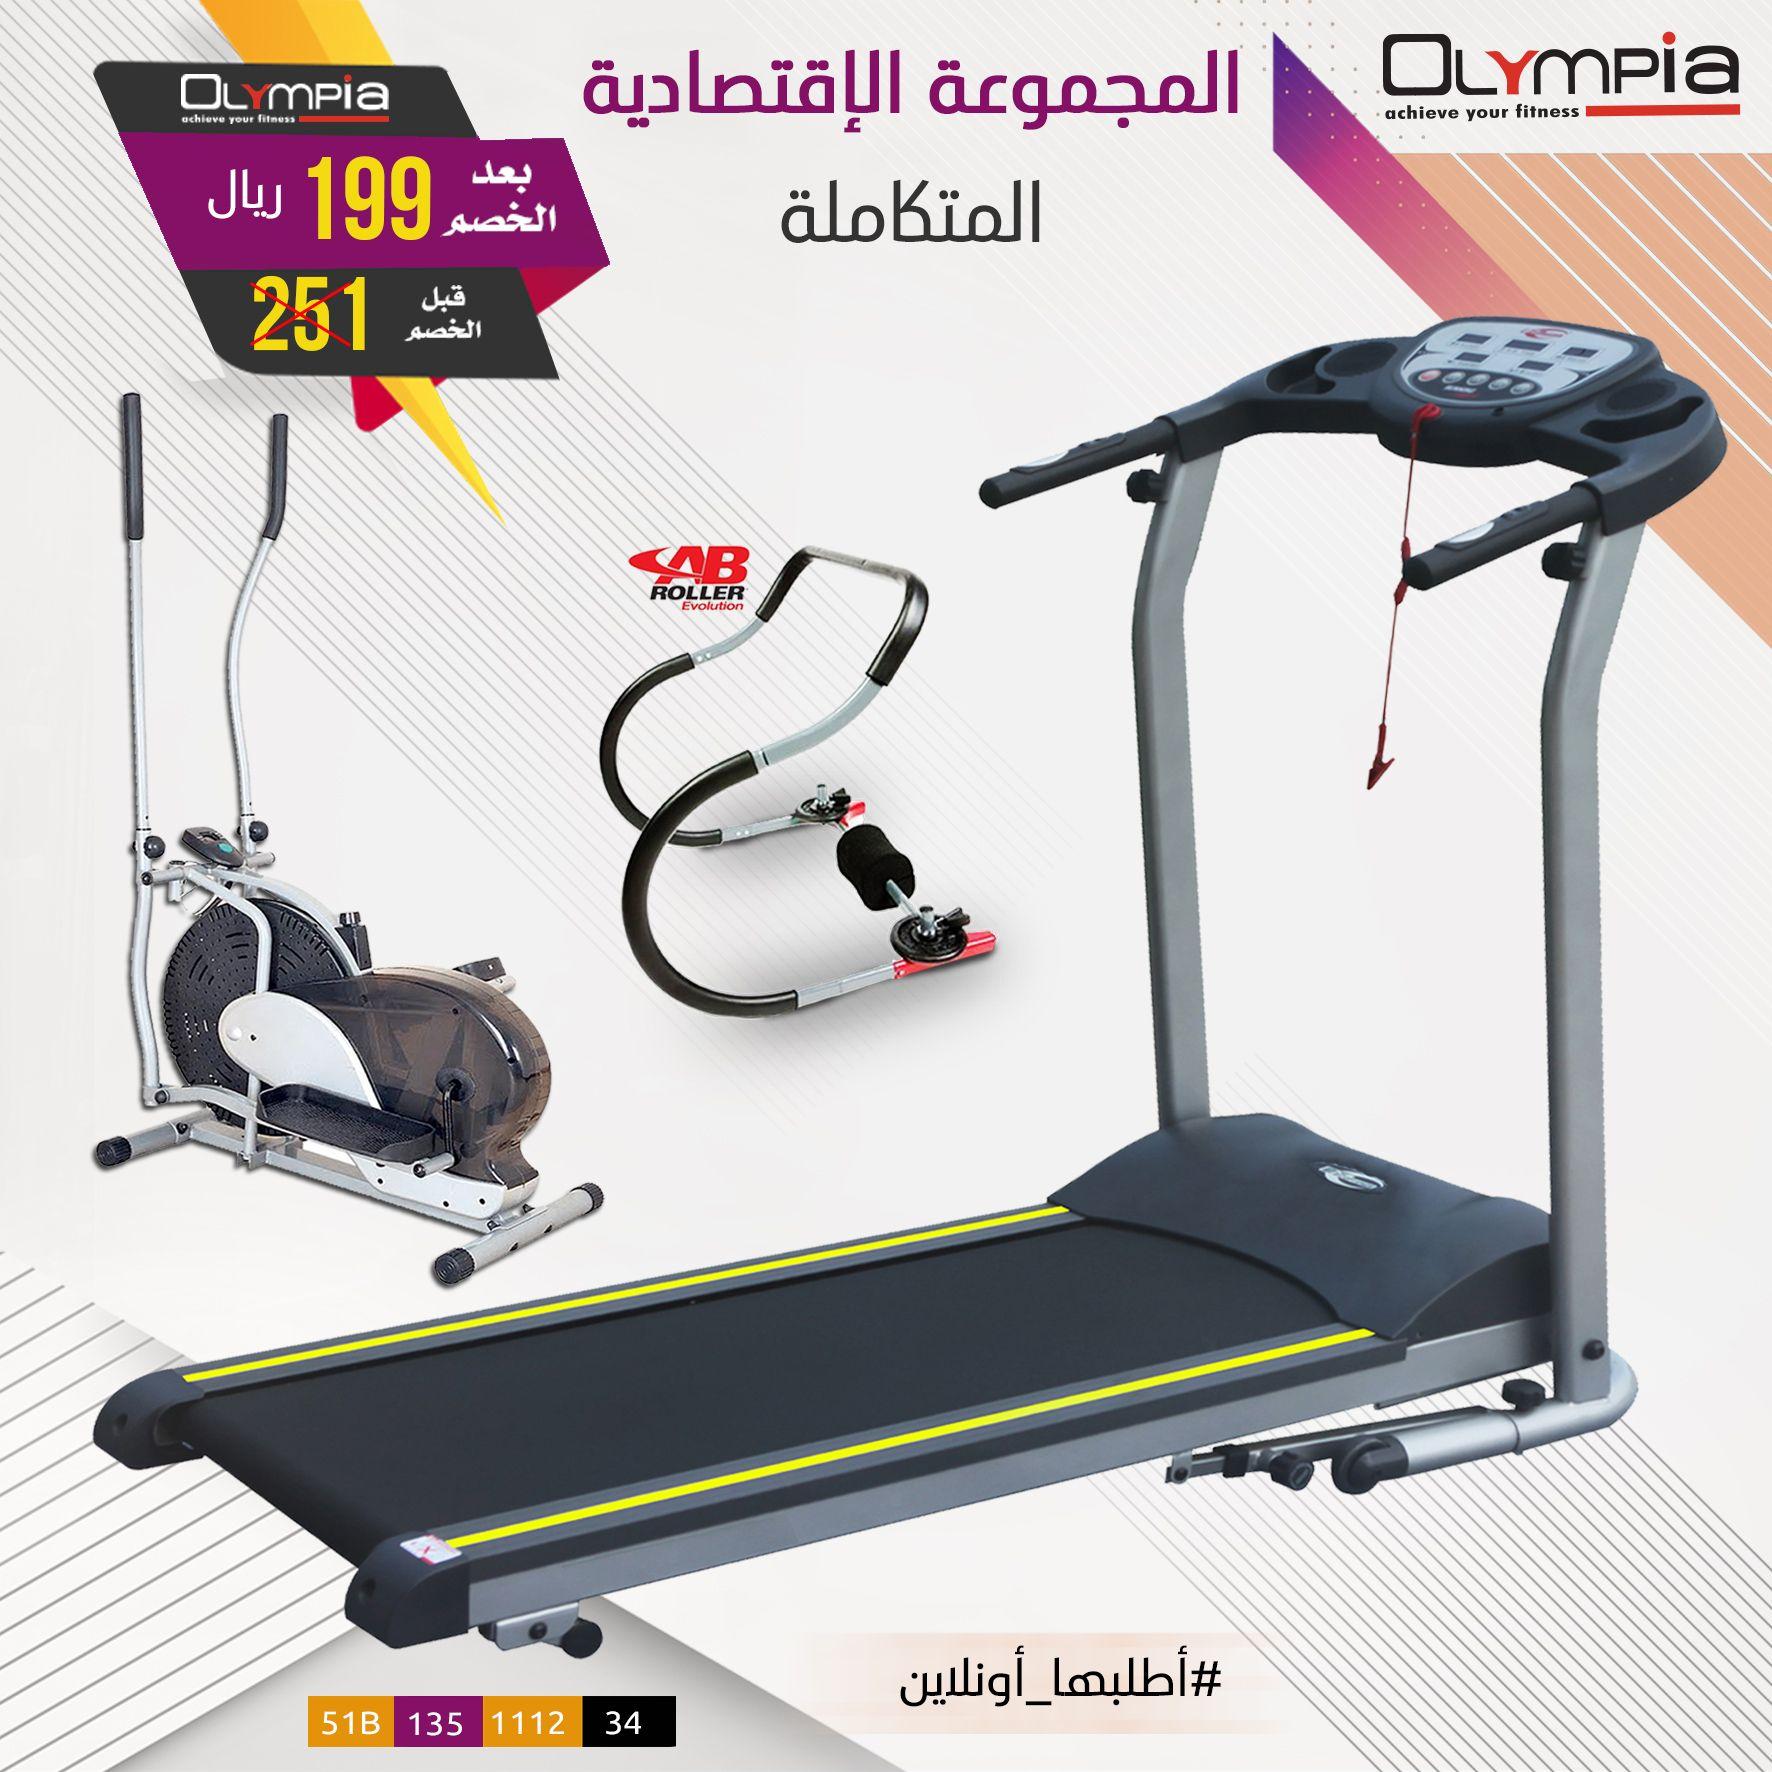 Olympia Middle East اولمبيا أفضل المنتجات الرياضية بأعلى المواصفات العالمية مجموعة متكاملة للحصول علي قوام مثالي في المنزل او الع Gym Sultanate Of Oman Sports